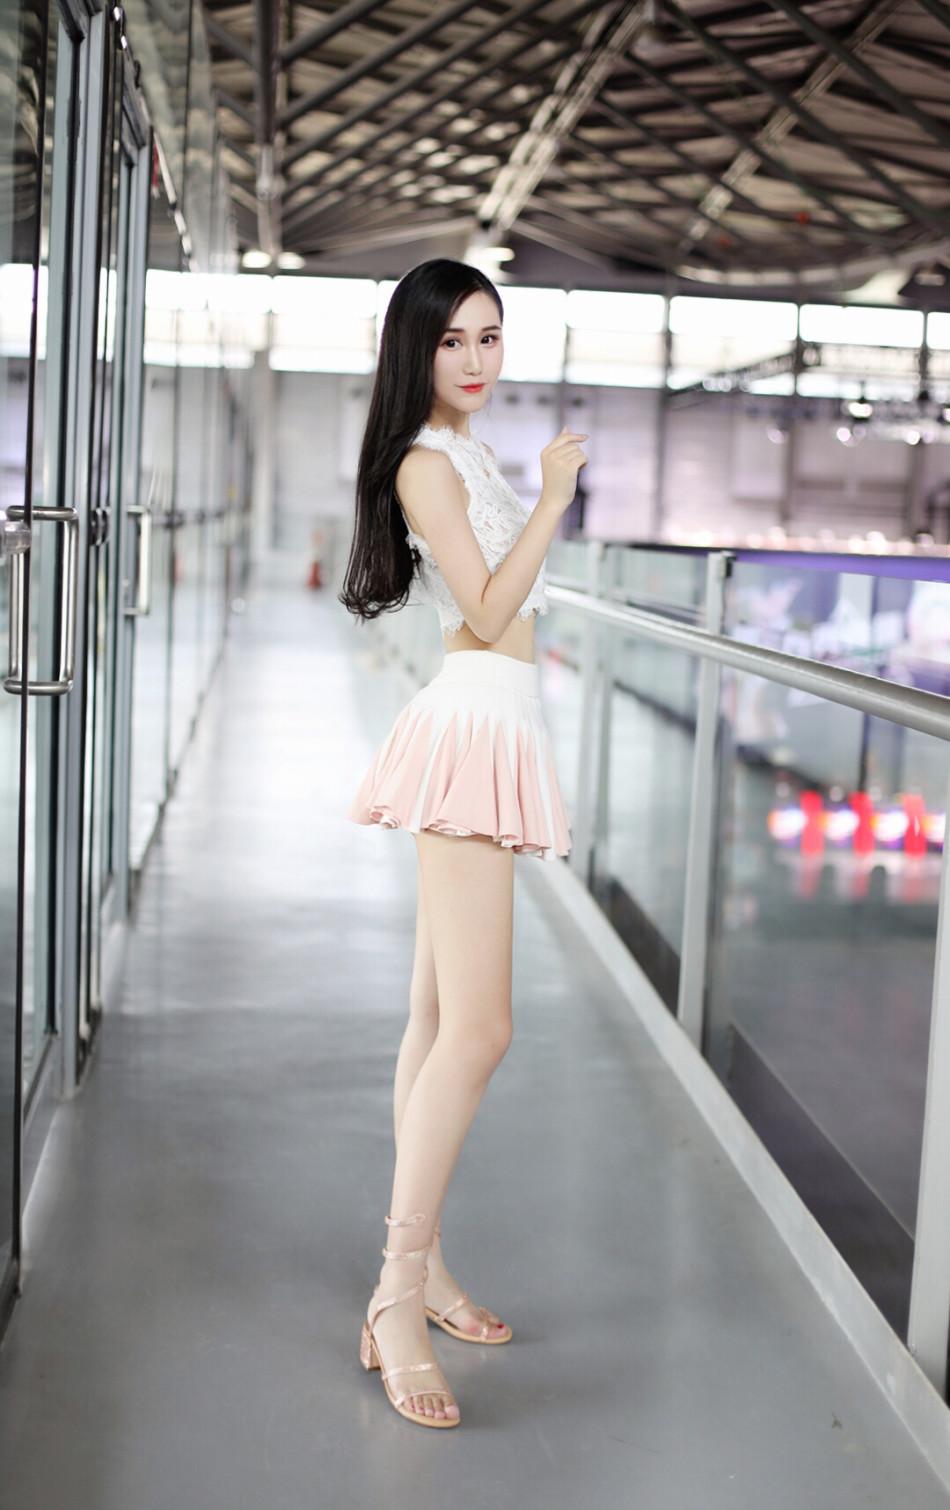 Chinajoy2017现场showgirl图集_Z攻略-专注于游